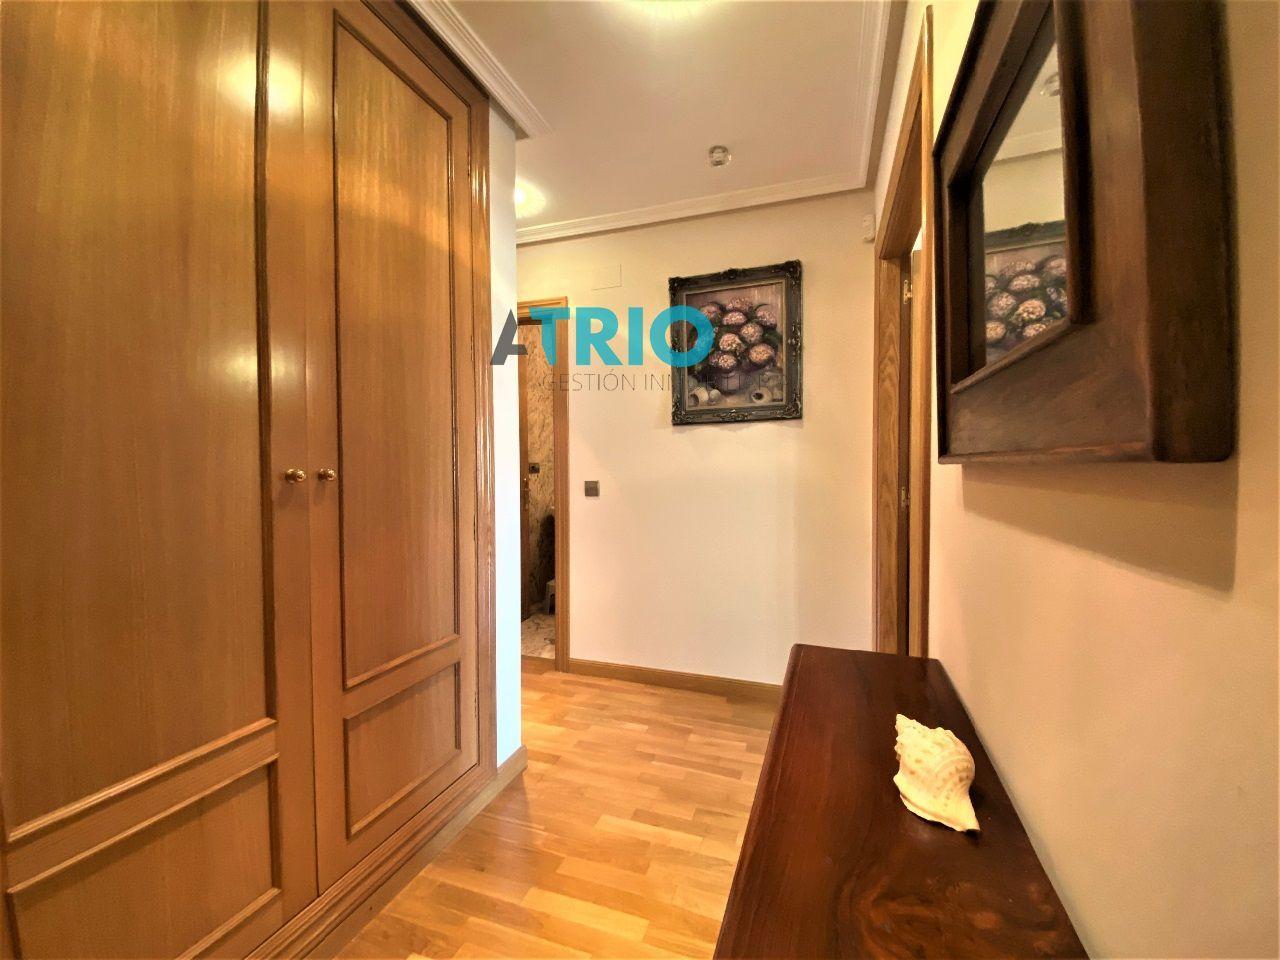 dia.mobiliagestion.es/Portals/inmoatrio/Images/6446/4132099